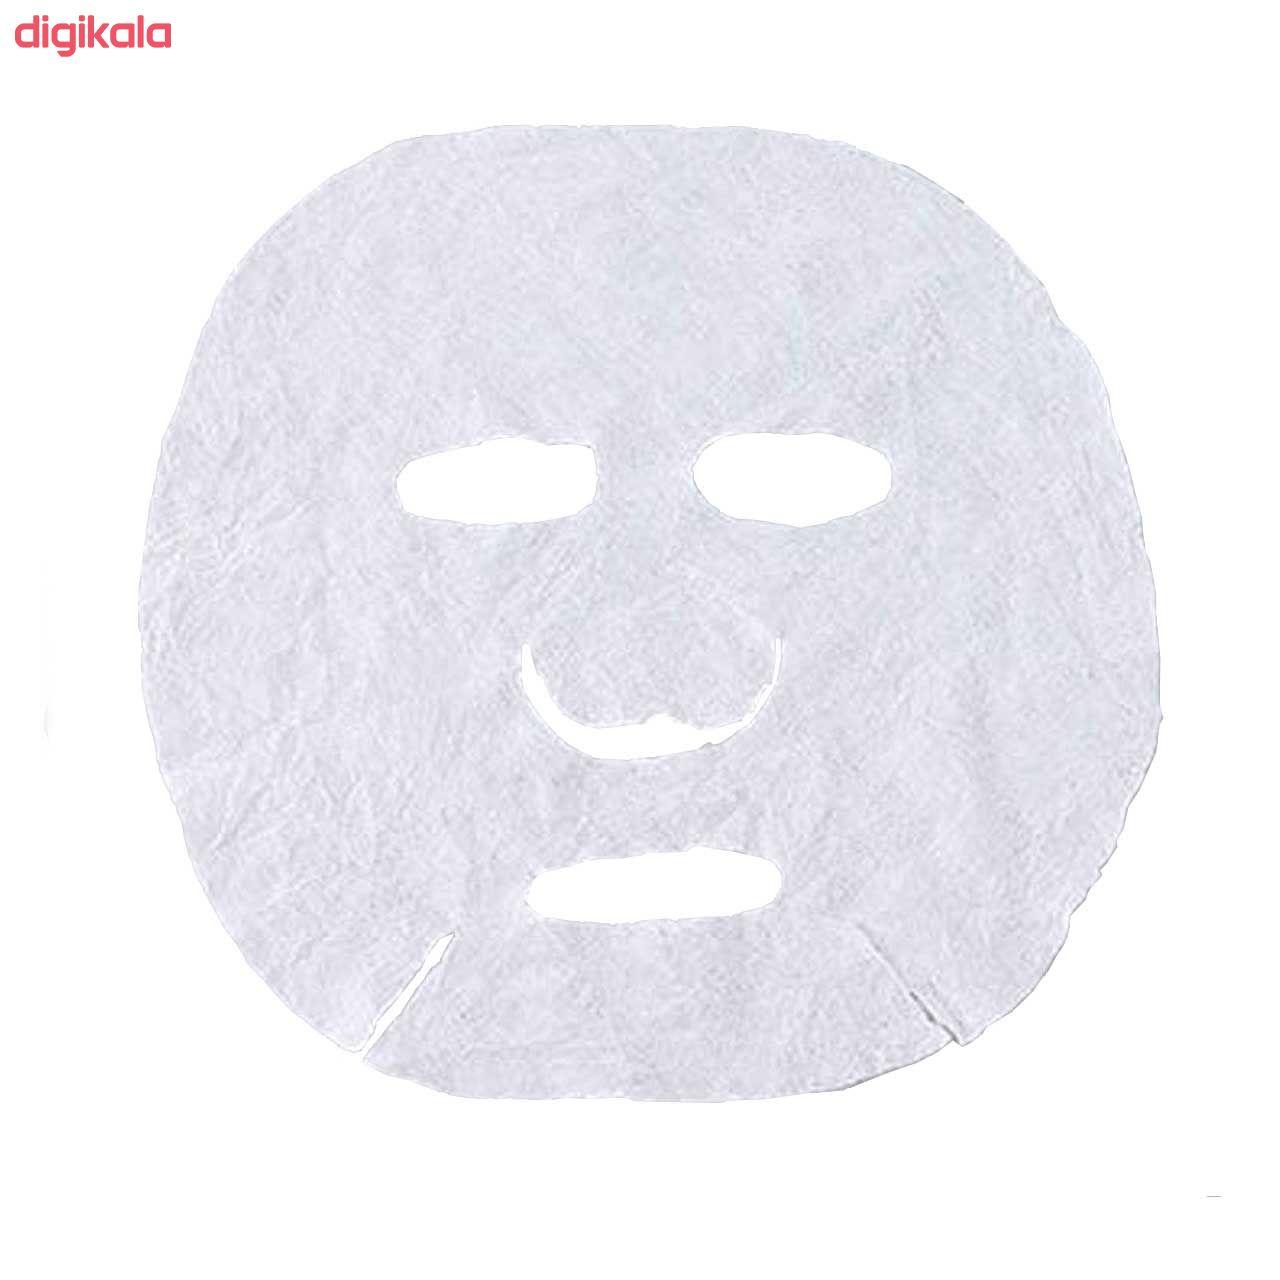 قرص ماسک ورقه ای صورت کد 001 بسته 10 عددی به همراه قلم ماسک مدل badonya2 main 1 2